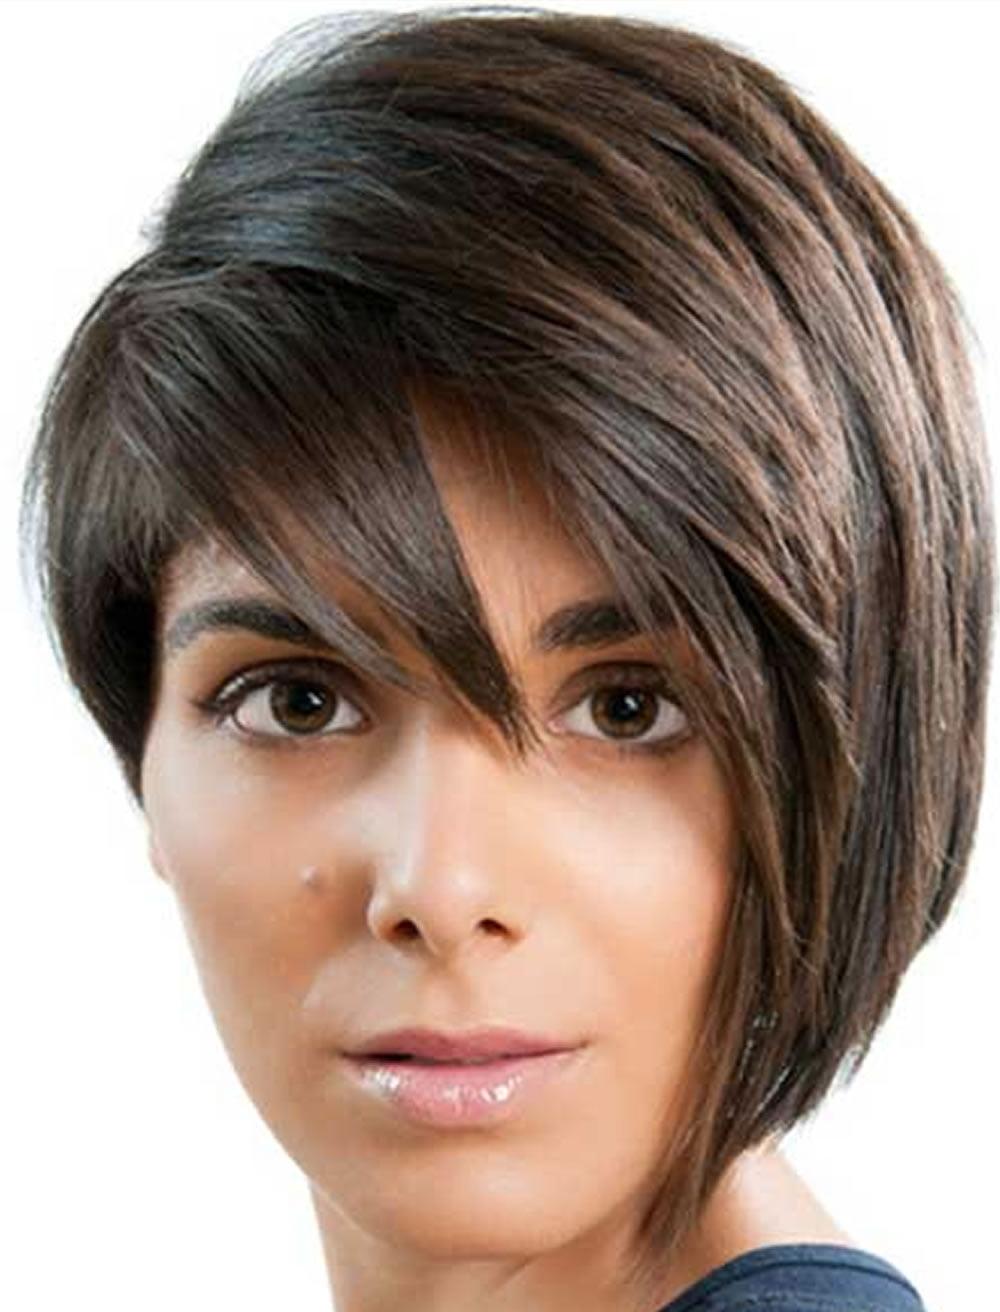 2018 Bob Hairstyles and Haircuts – 25 Hottest Bob Cut Images | Haircuts